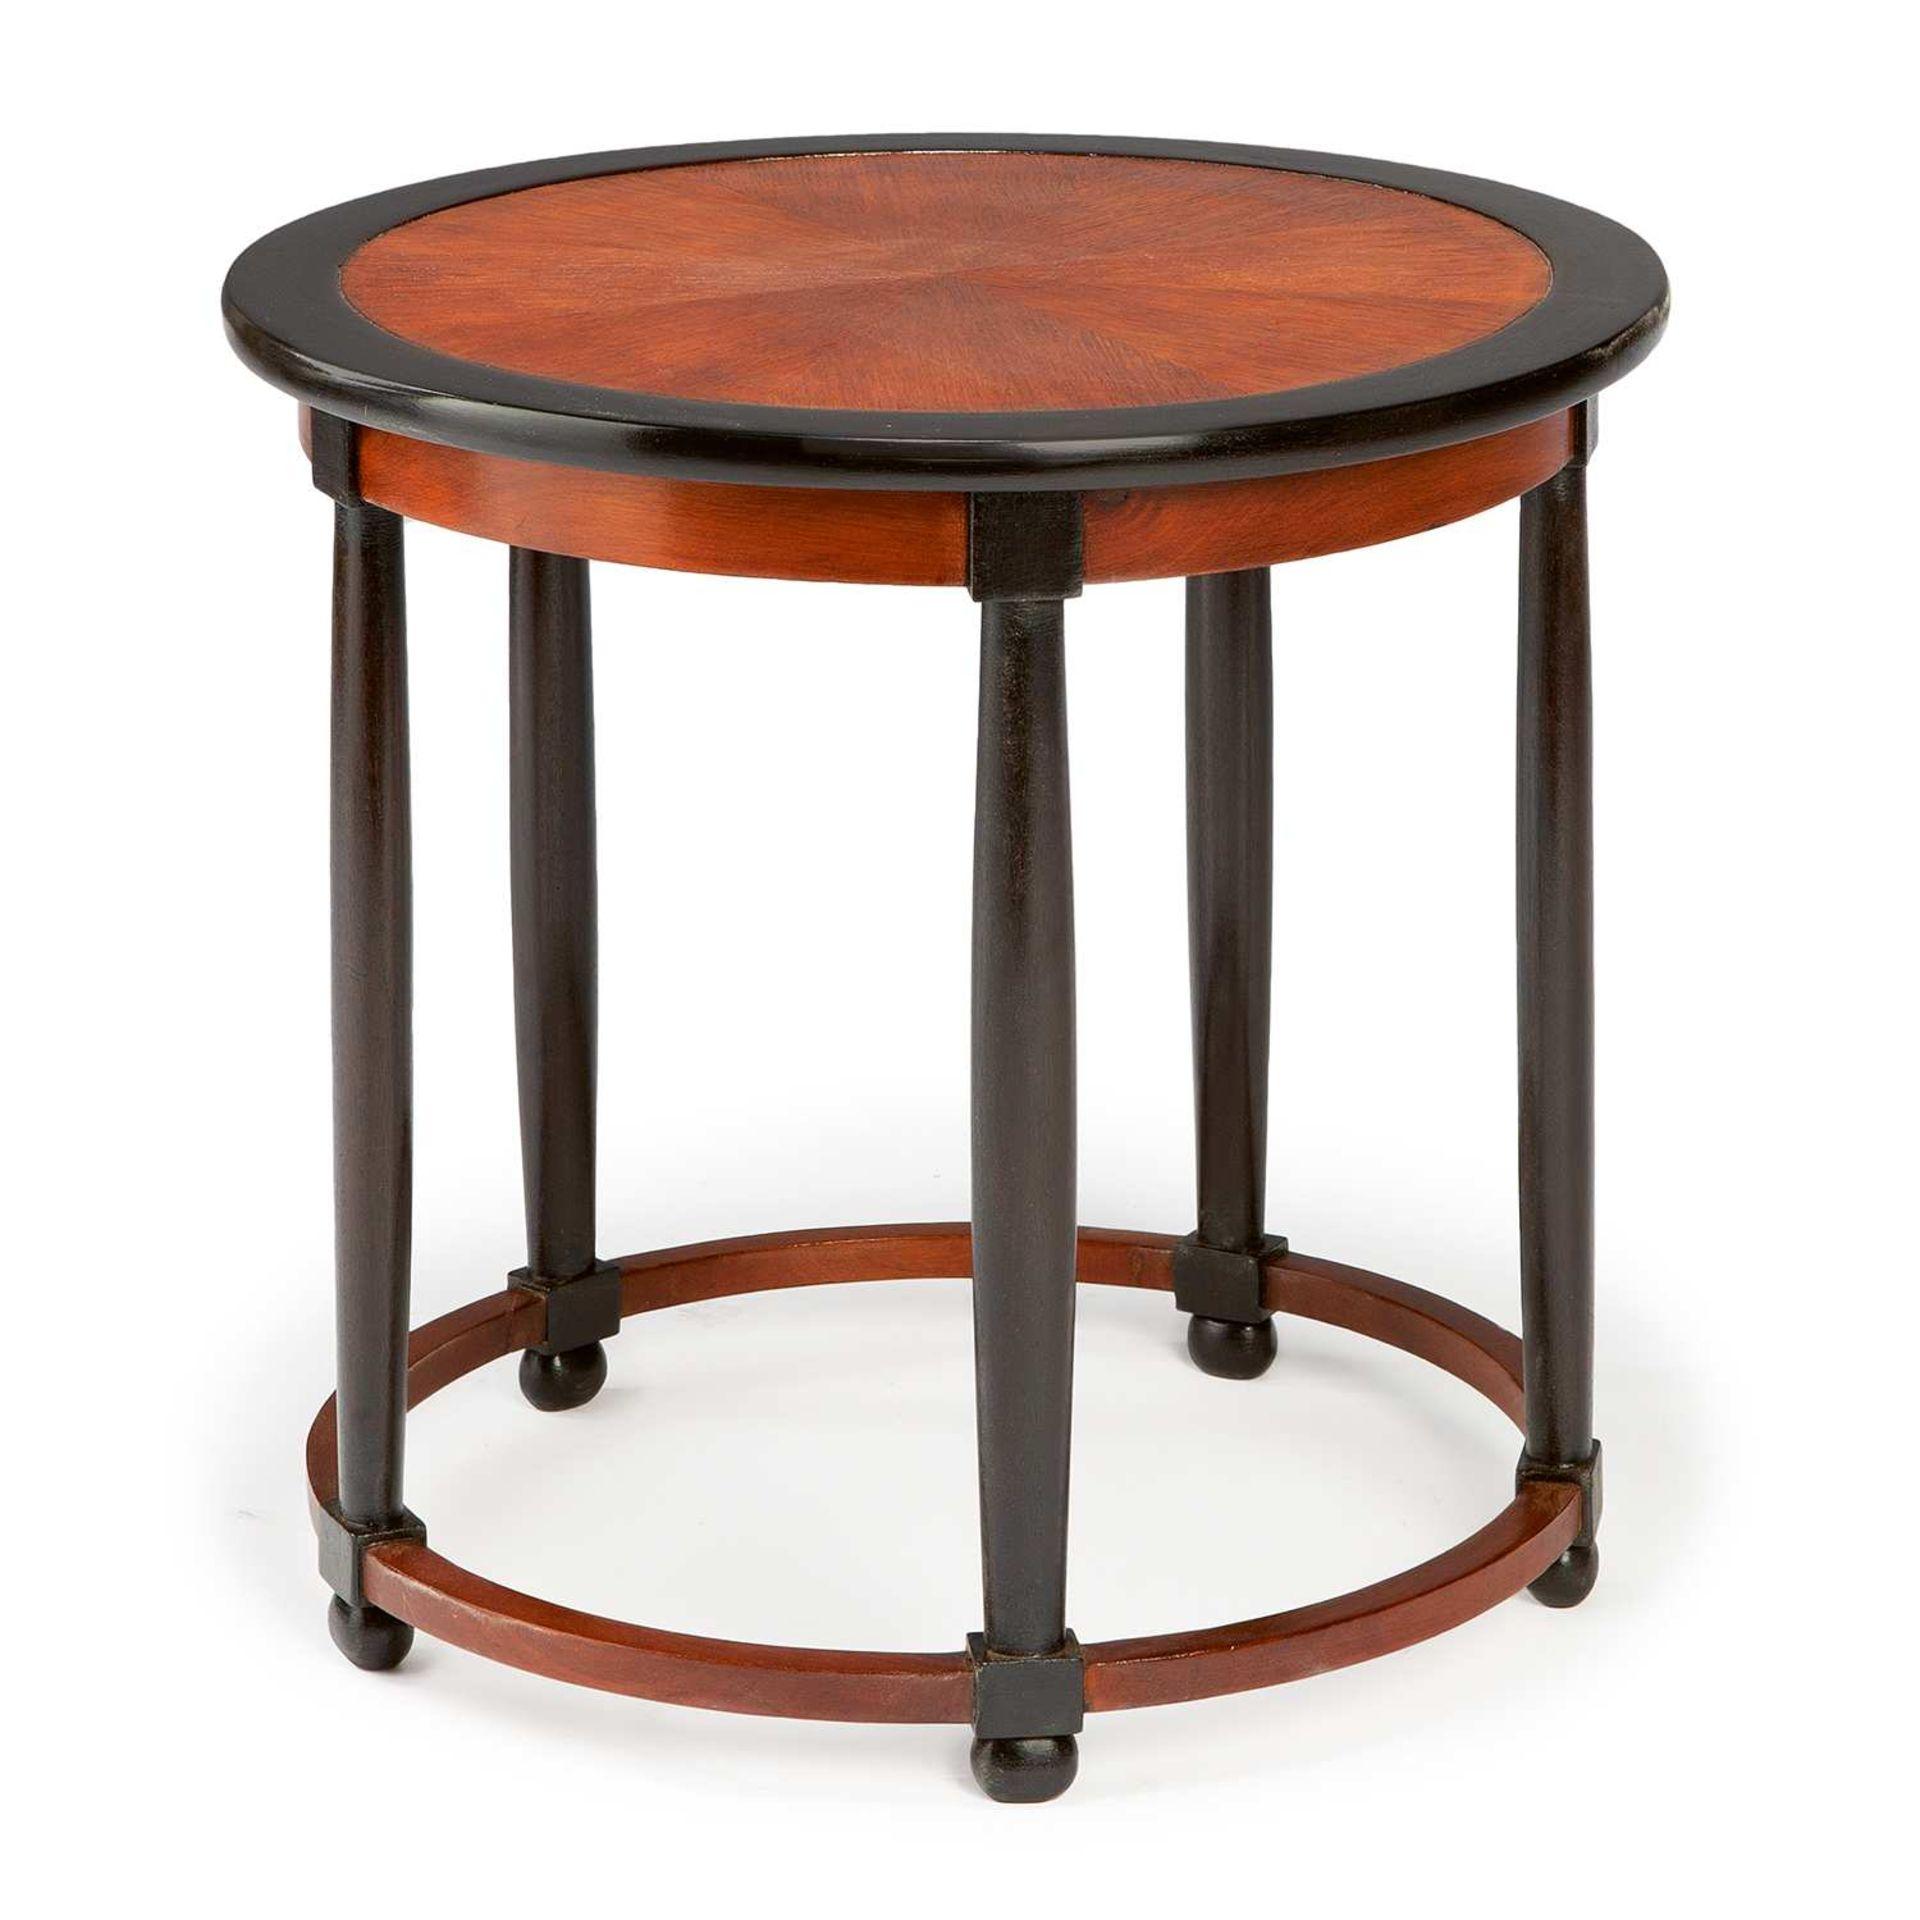 Los 10 - ANDRÉ GROULT (1884-1967) Guéridon circulaire à structure en chêne teinté et bois teinté, piétement